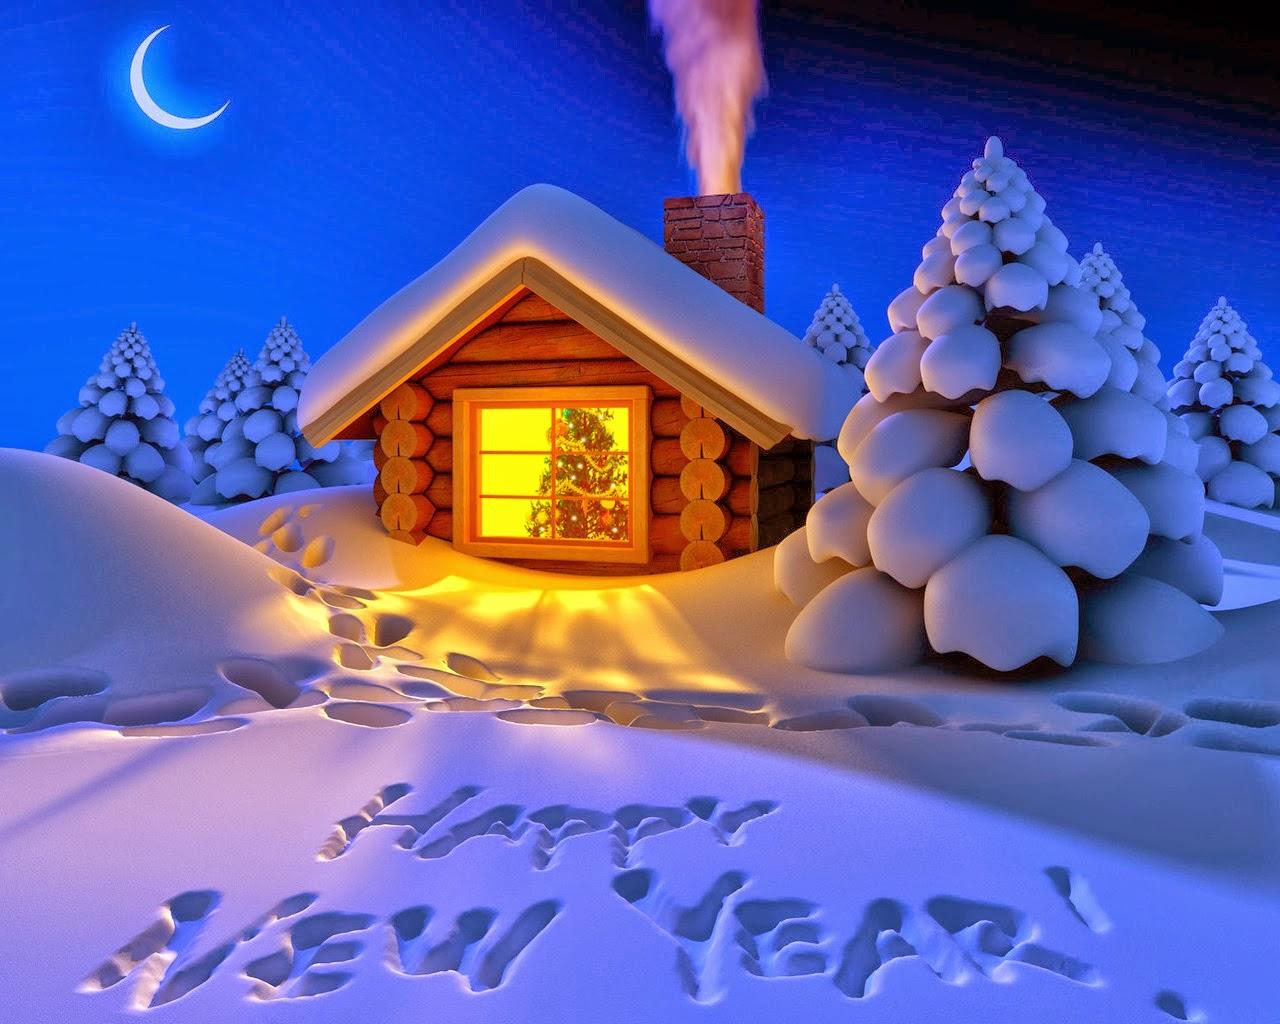 snow happy new year